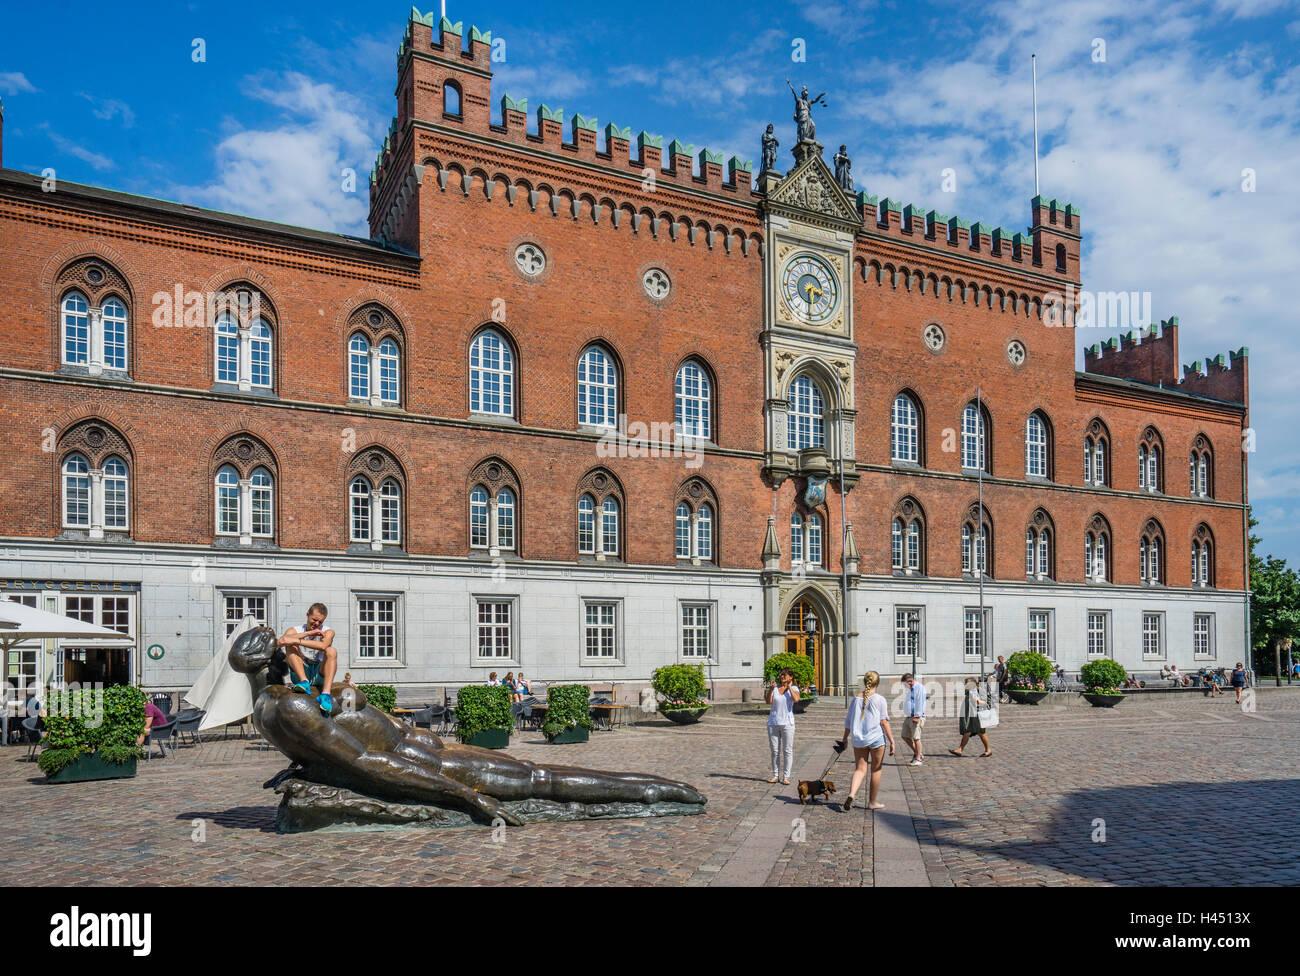 Danimarca, Funen, Odense, vista di Flakhaven piazza centrale con la Italian-Gothic Odense City Hall, bronce scultura Immagini Stock